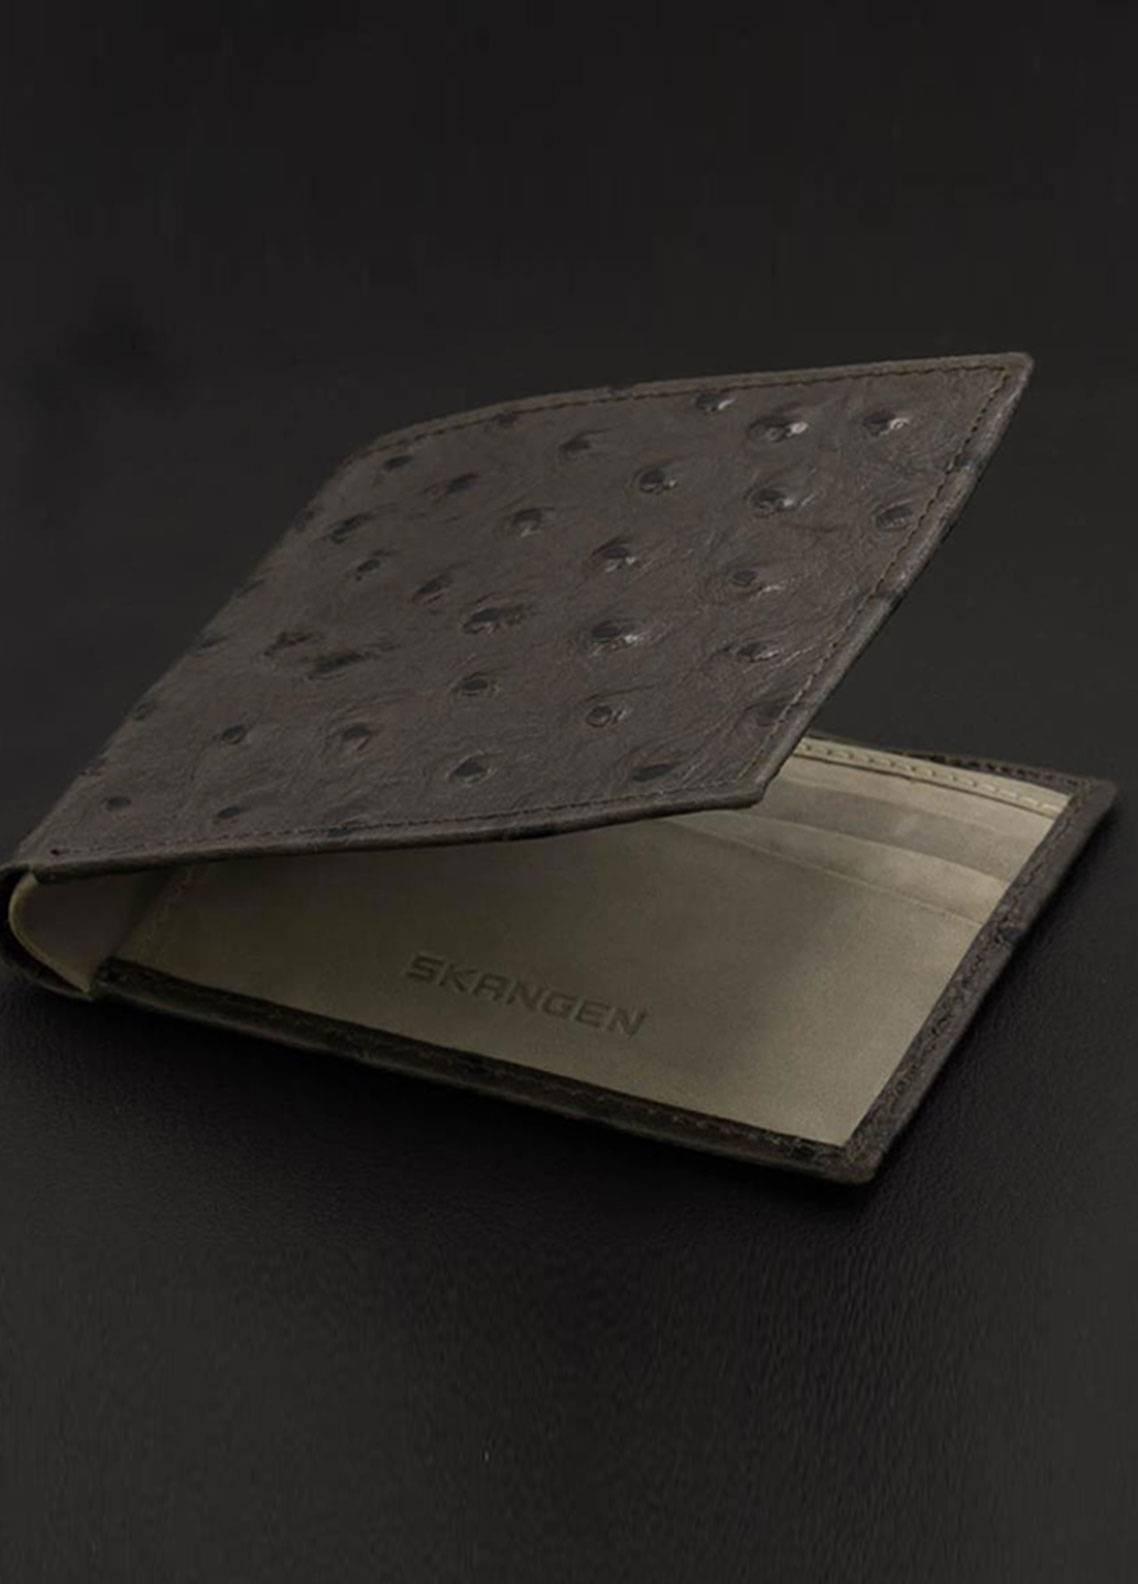 Skangen Ostrich Premium Cow Leather Textured Wallets SKWT-1011 - Men's Accessories